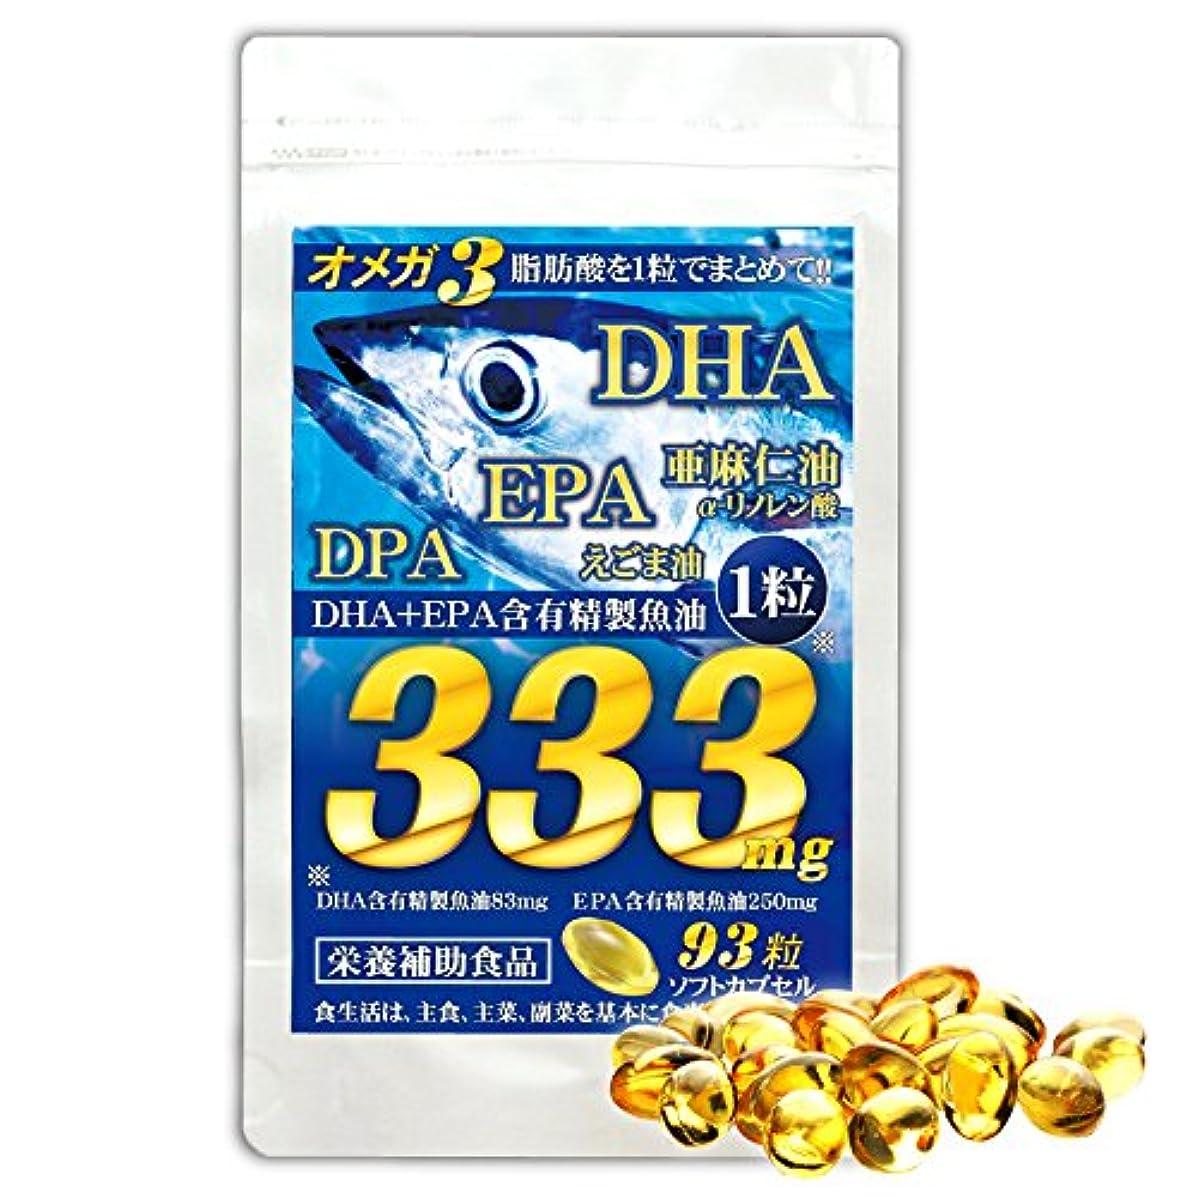 バンカー服最悪(大容量:約3ヵ月分/93粒)超高配合!青魚 de DHA + EPA